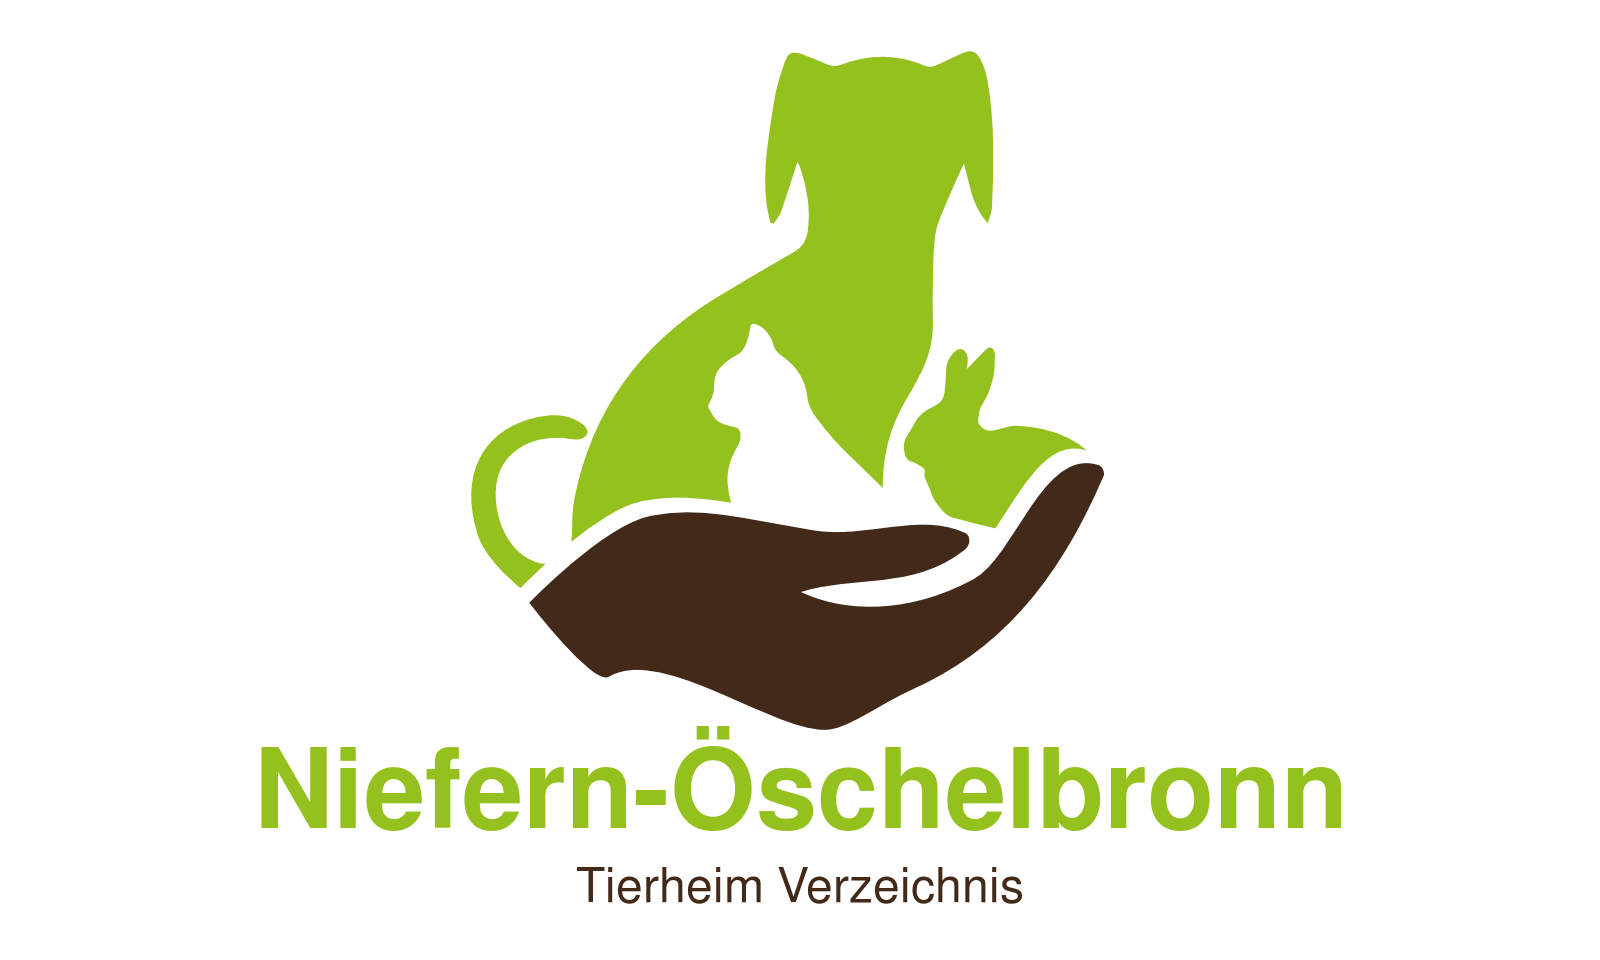 Tierheim Niefern-Öschelbronn